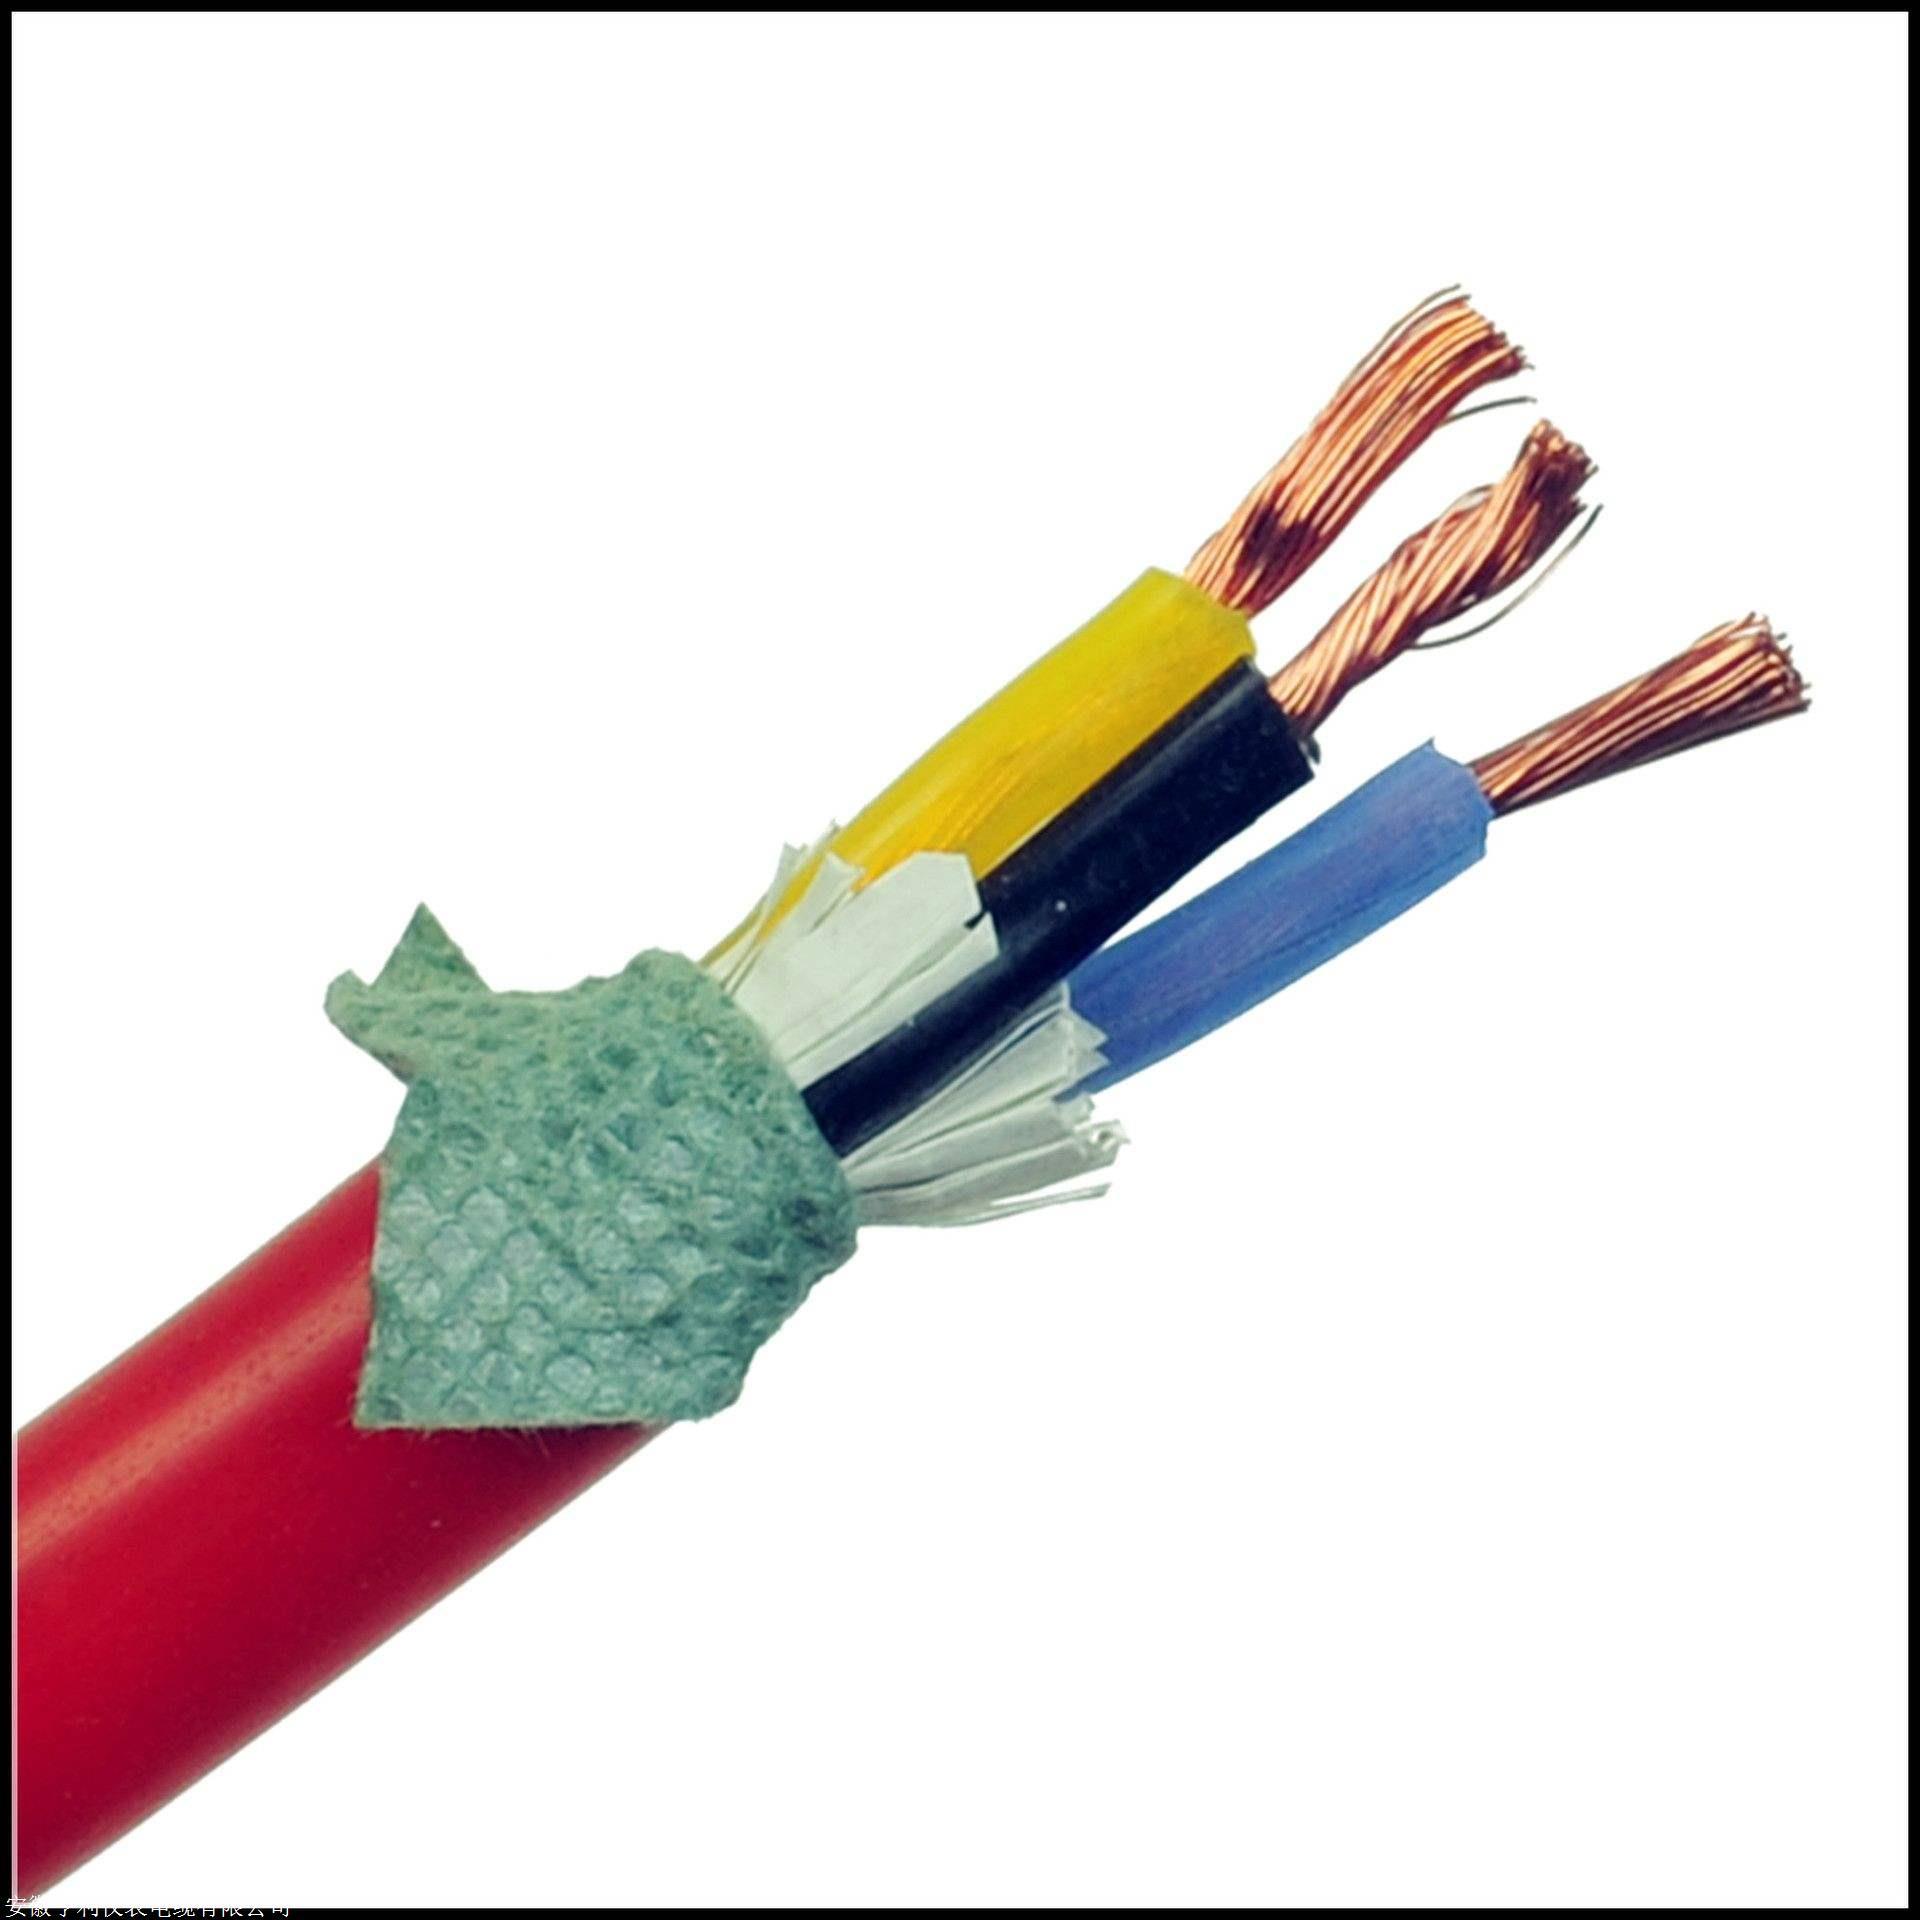 阻燃硅橡胶电缆ZR-KFGRPB外径10*17.2mm